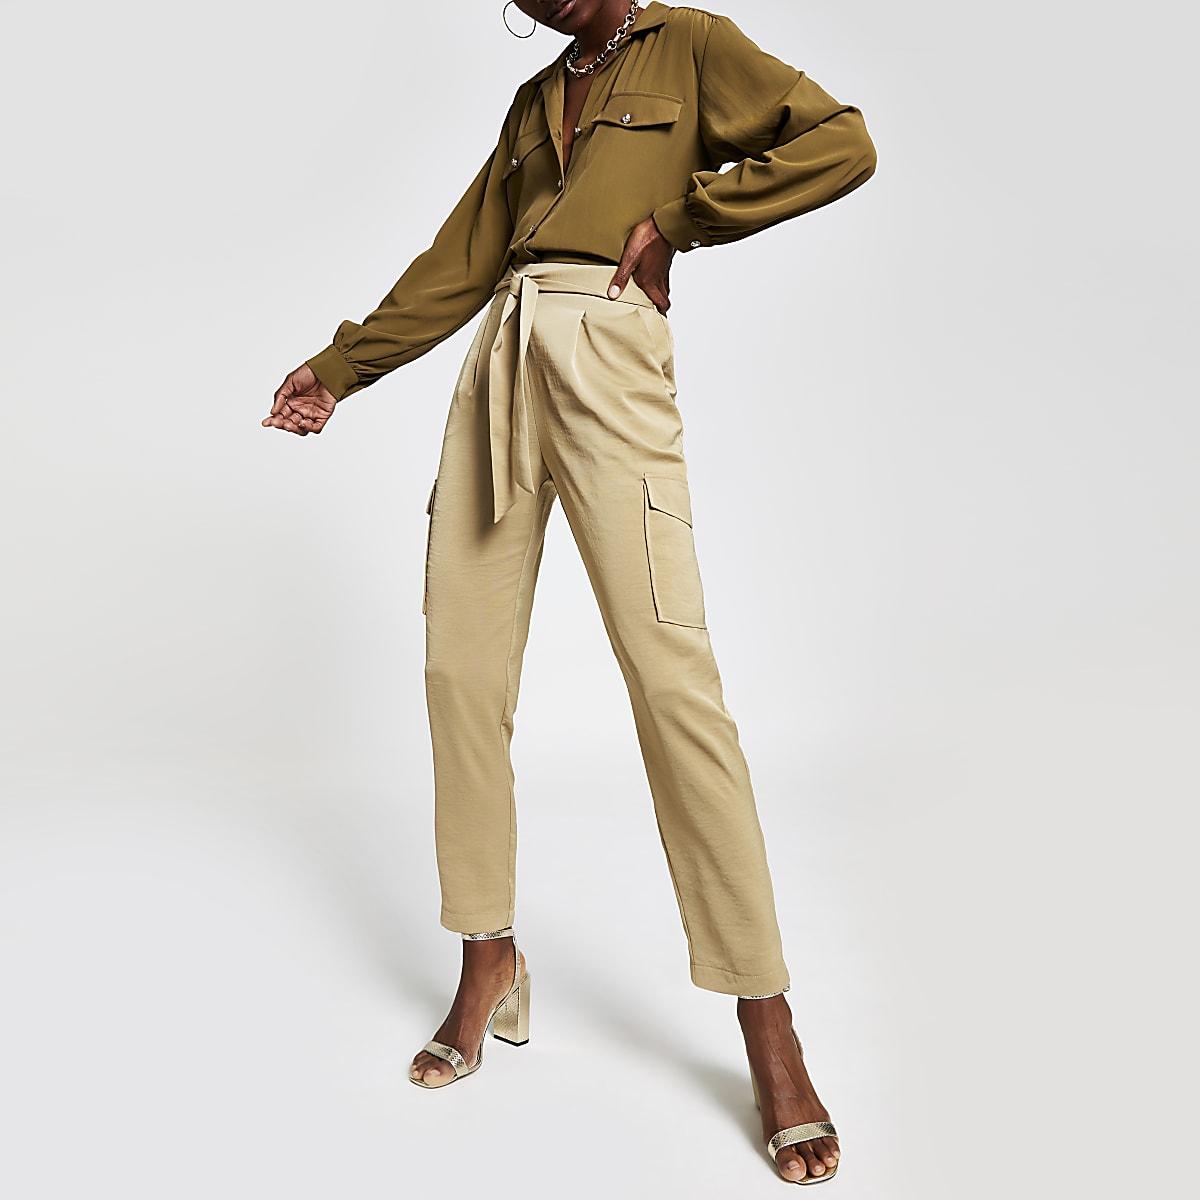 Pantalon utilitaire en satin beige